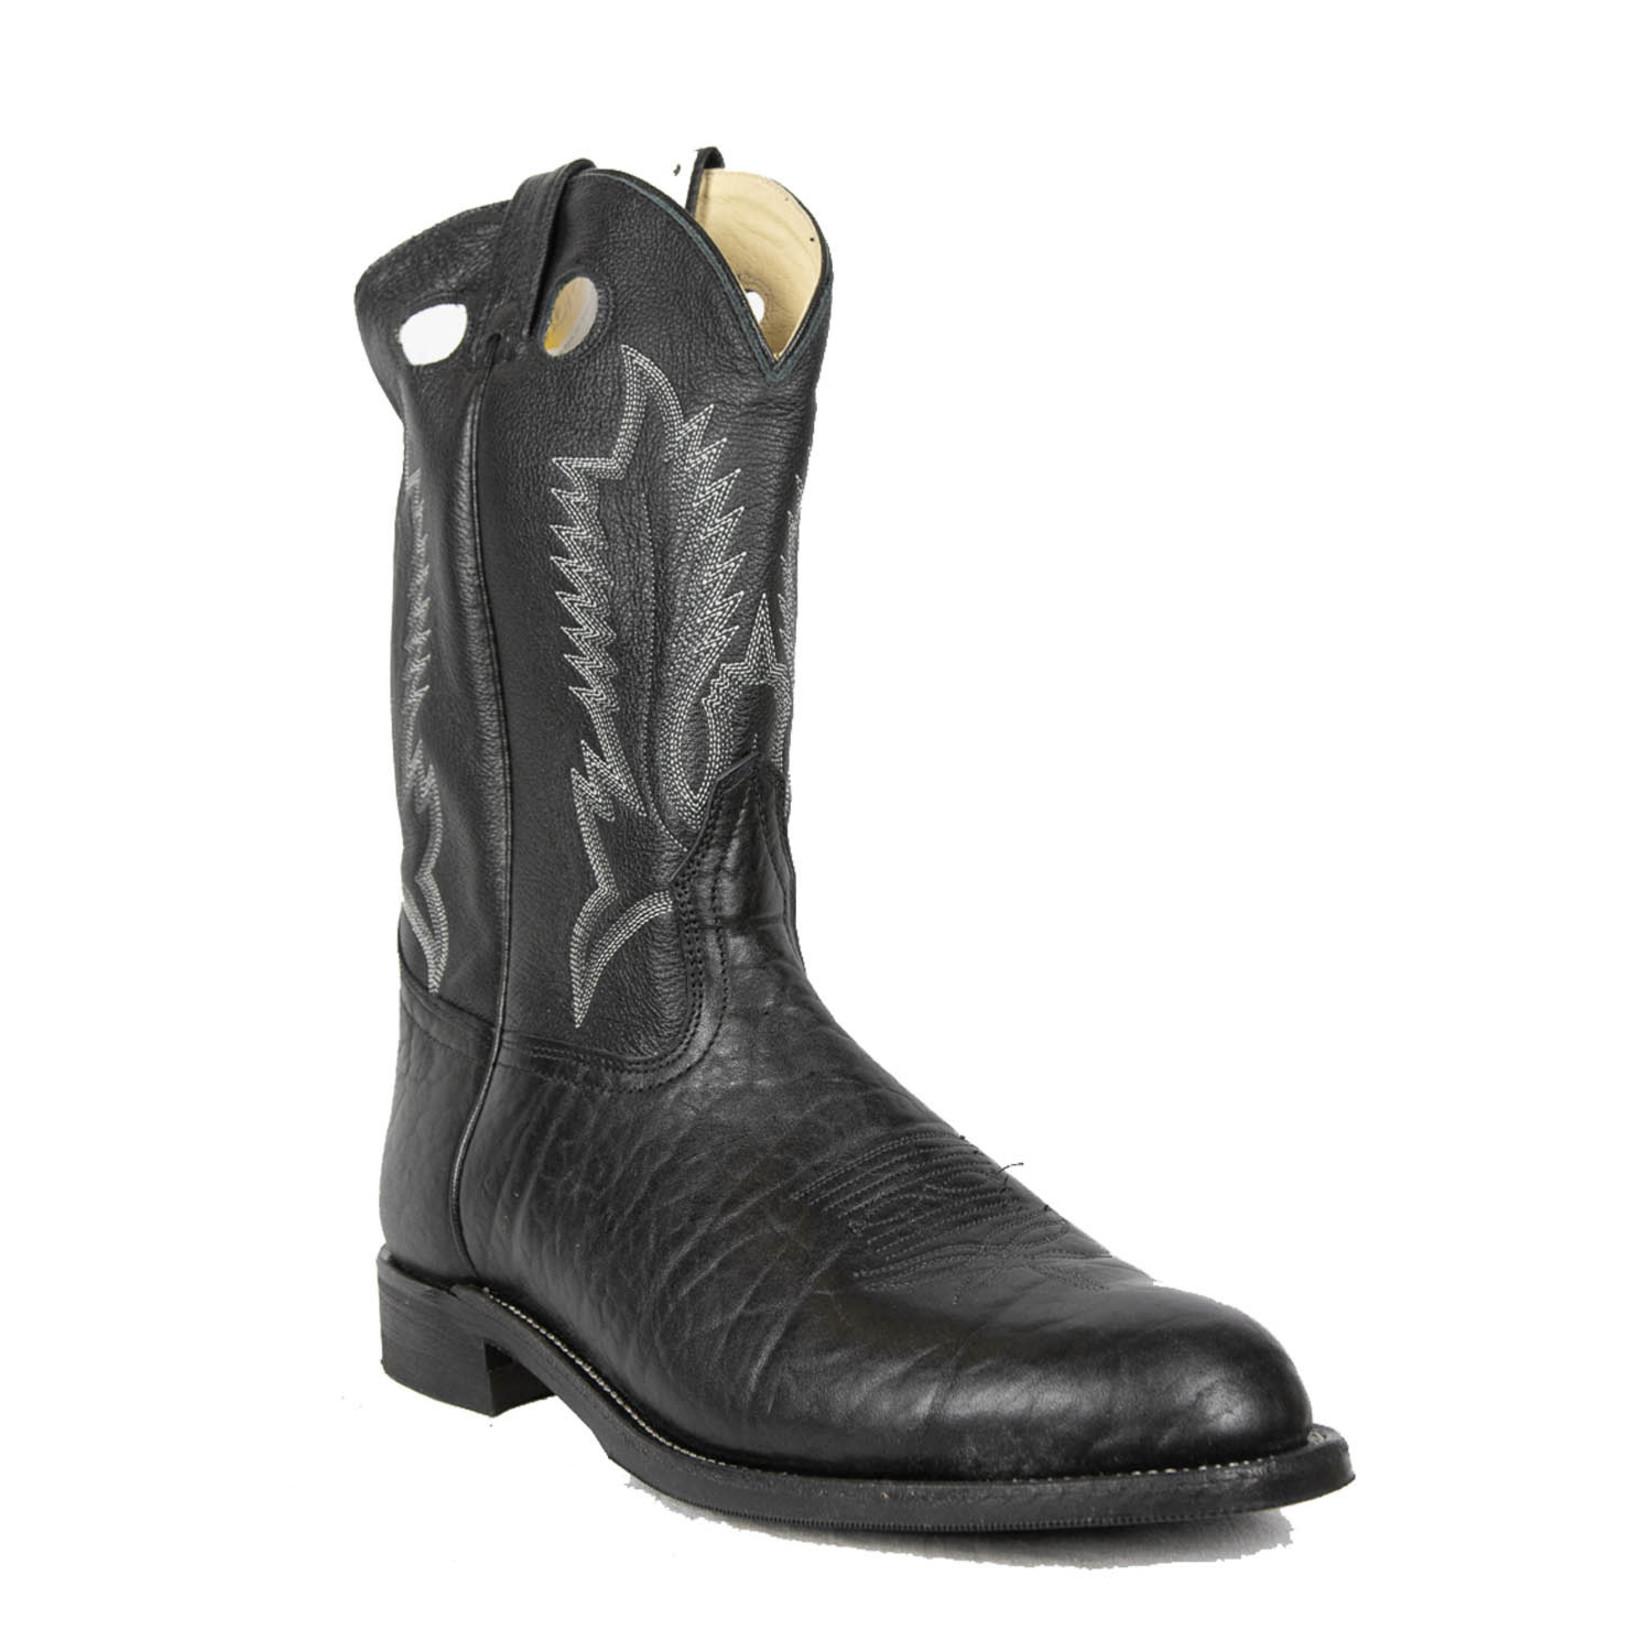 Brahma Canada West Brahma Men's Cowboy Boot 8081 3E